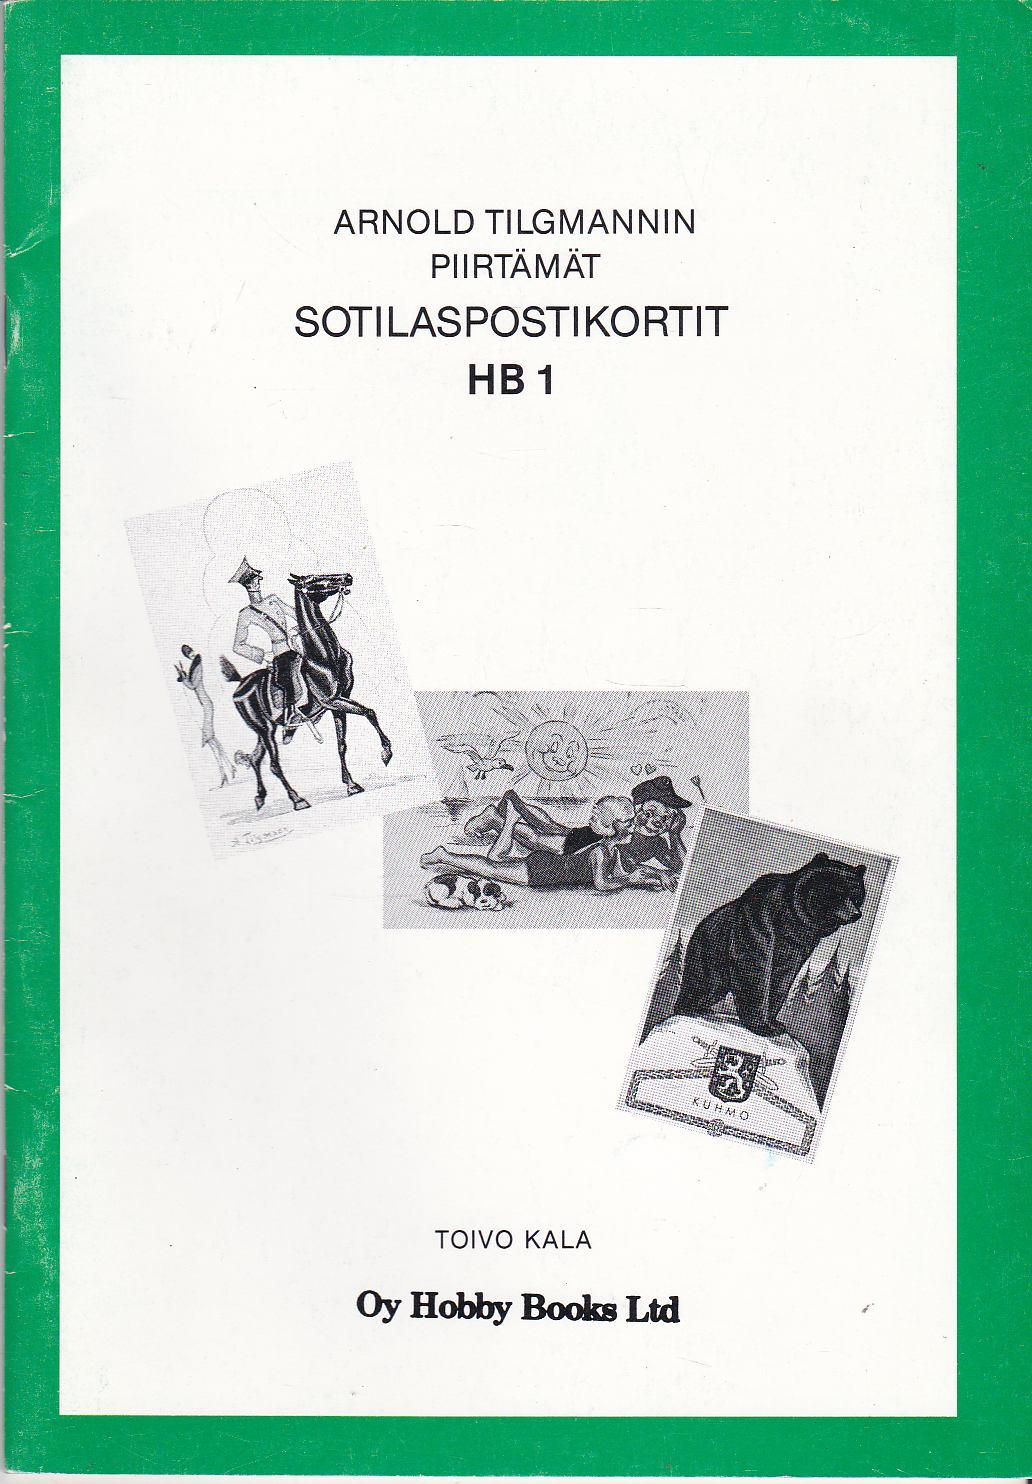 Arnold Tilgmannin piirtämät sotilaspostikortit HB1 - Kala Toivo tuotekuva